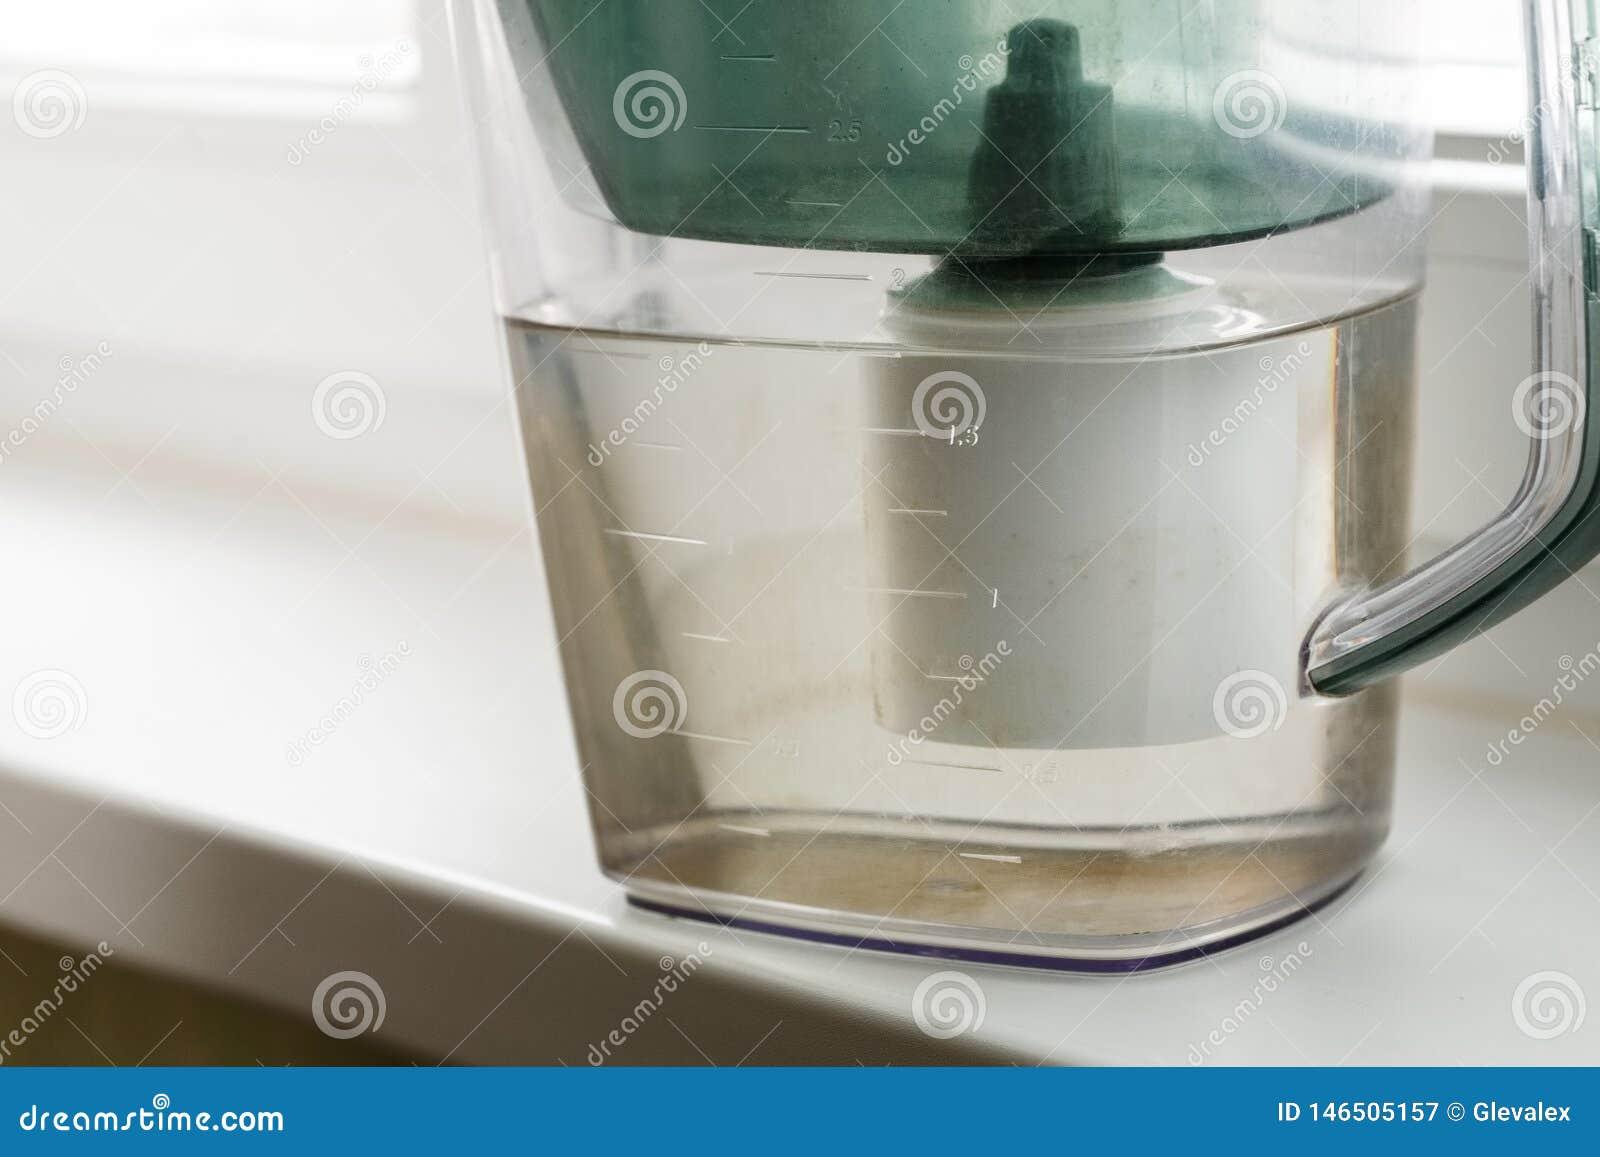 Plastikkrug für Wasserfiltration nah an Fenster